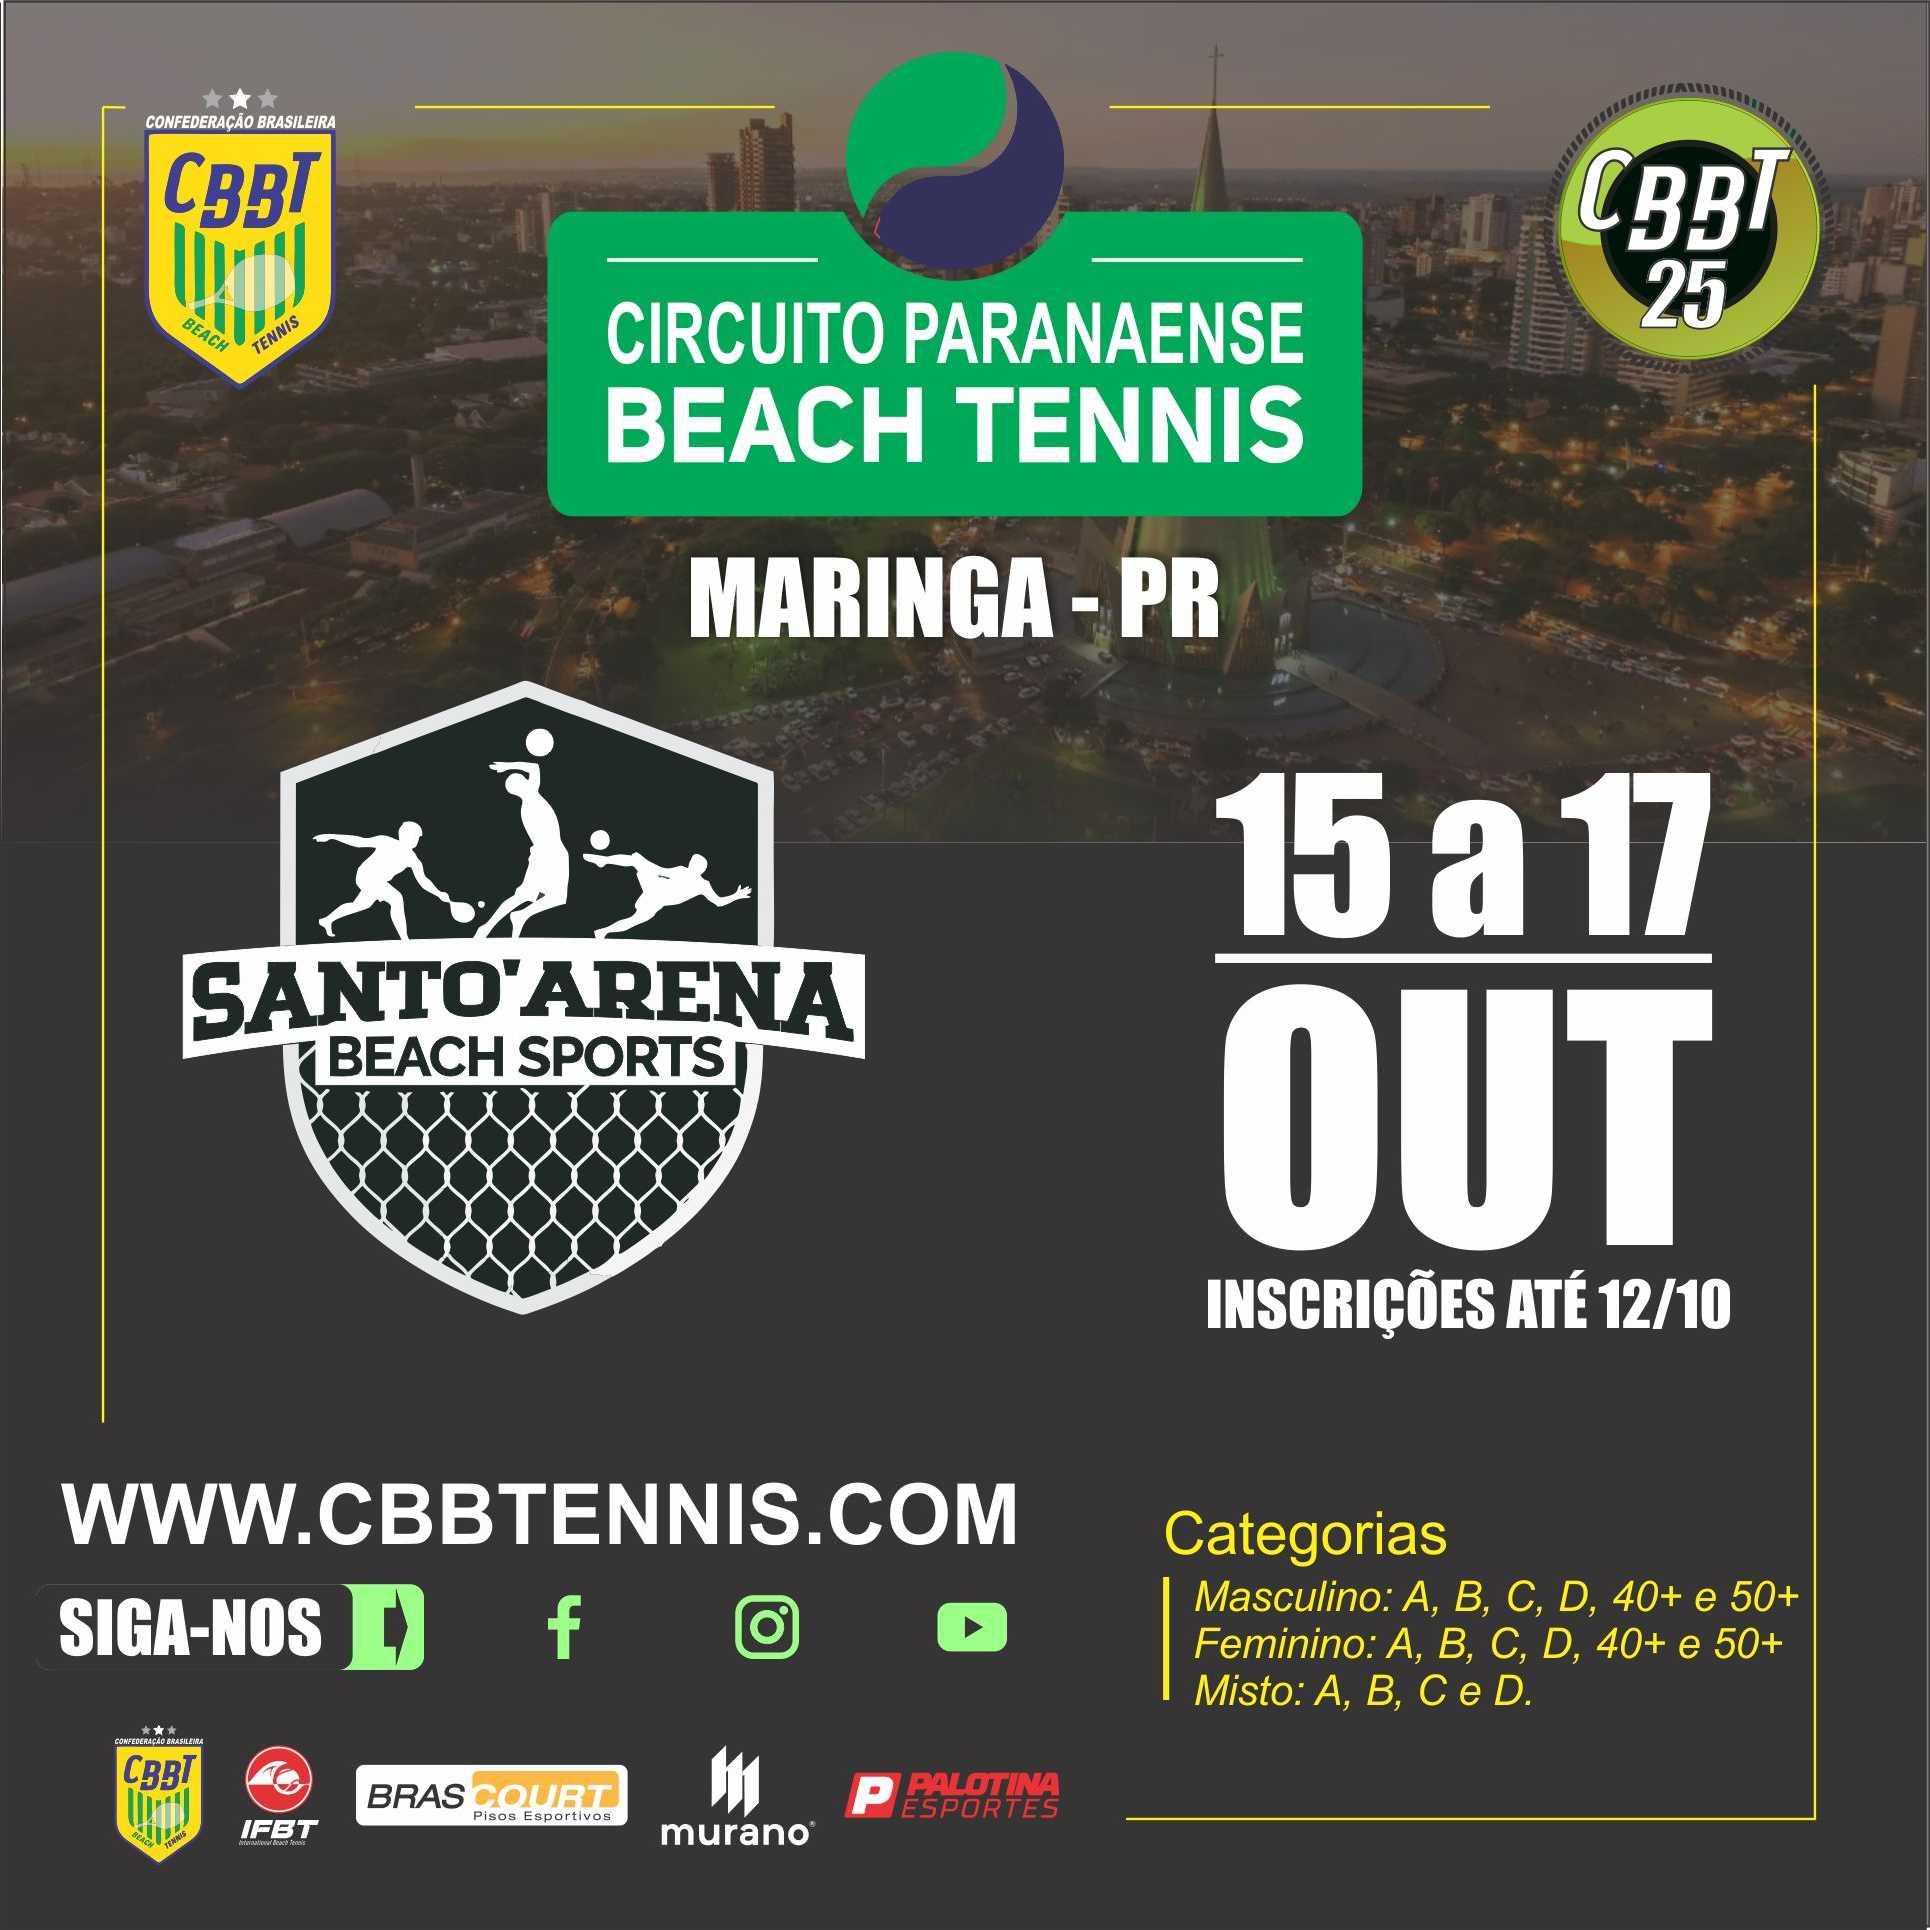 Circuito Paranaense de Beach Tennis